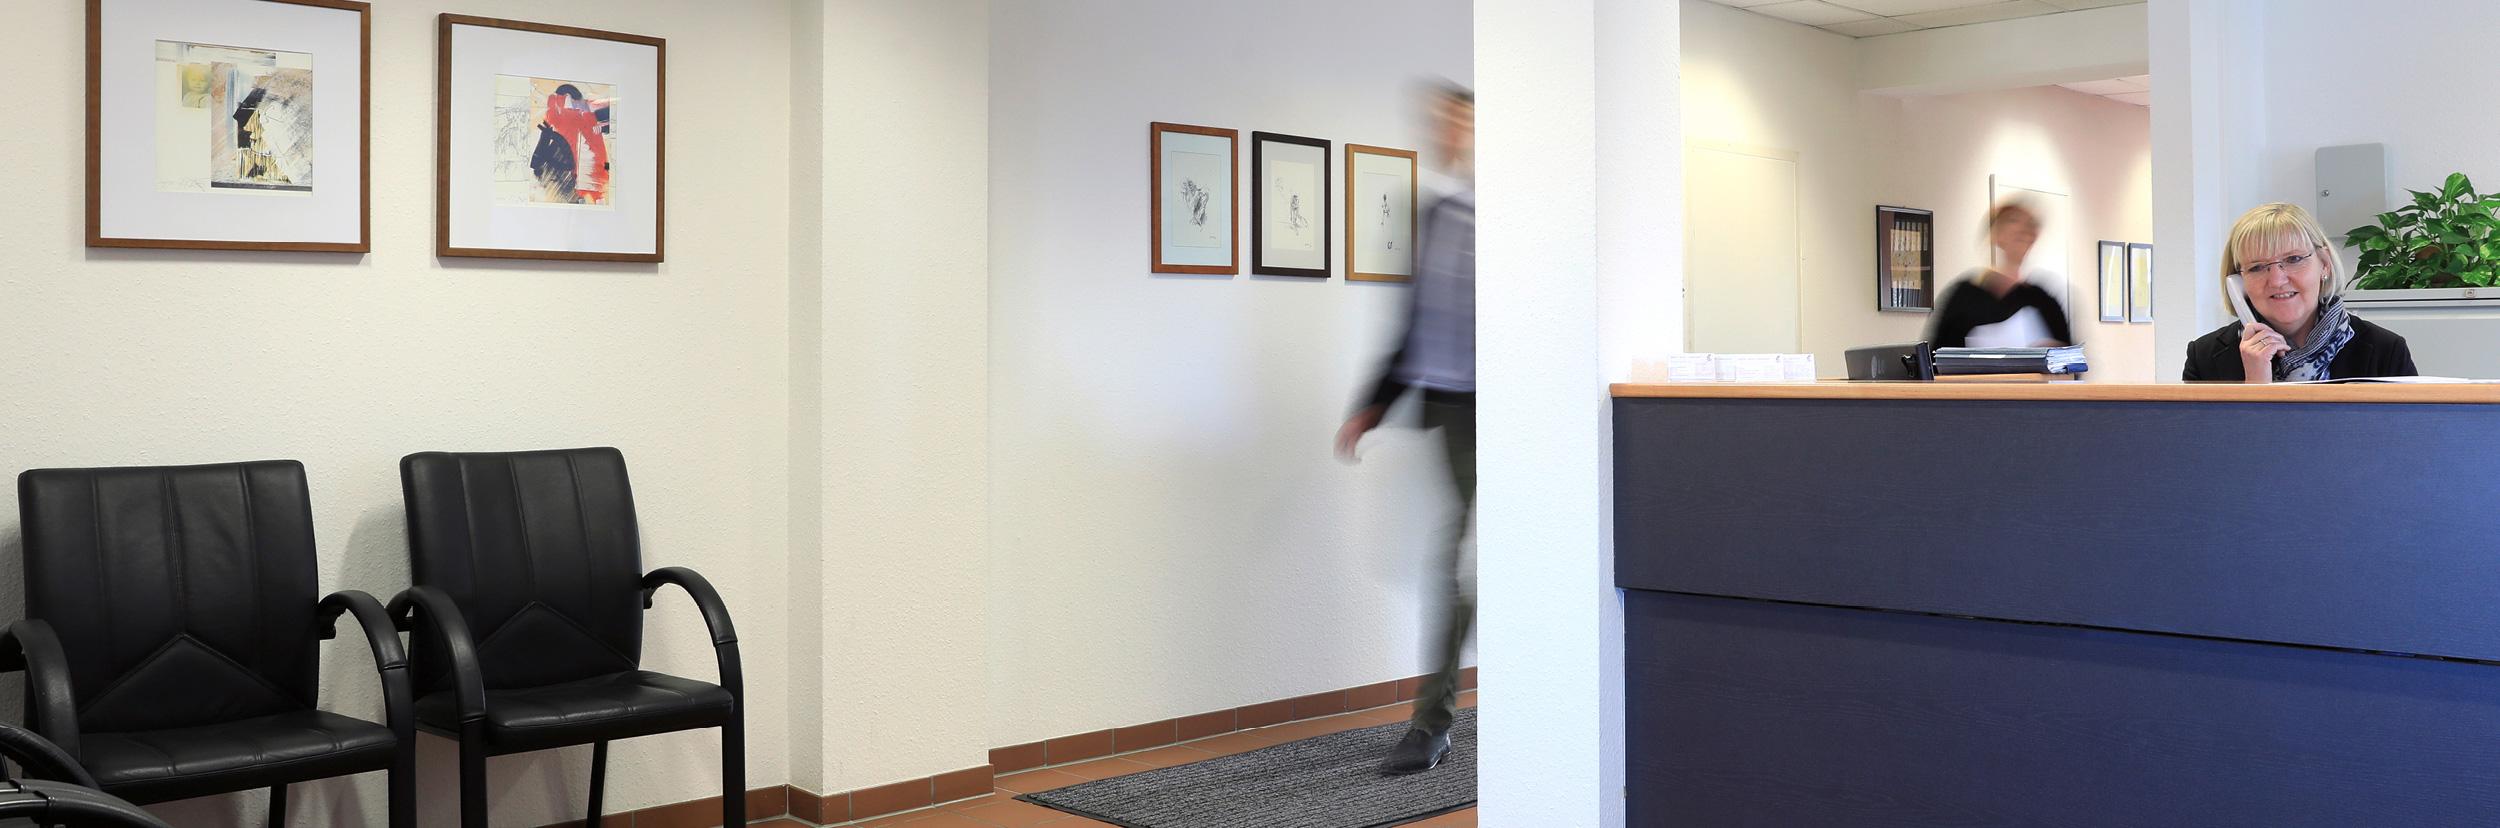 Advoteam Rechtsanwaltskanzlei Eingangsbereich